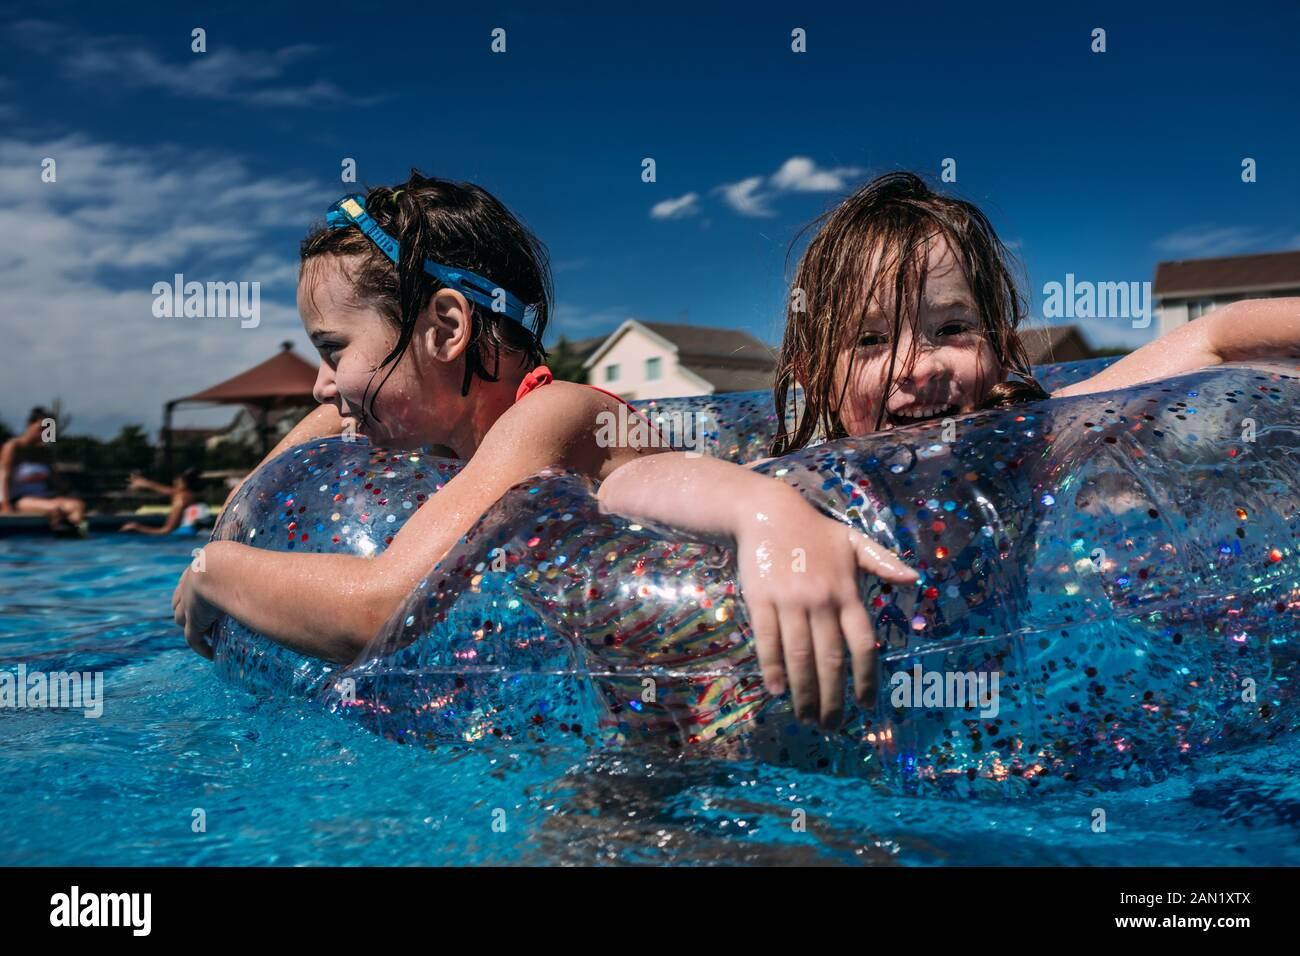 ragazze felici che giocano in piscina galleggiano insieme mentre nuotano Foto Stock